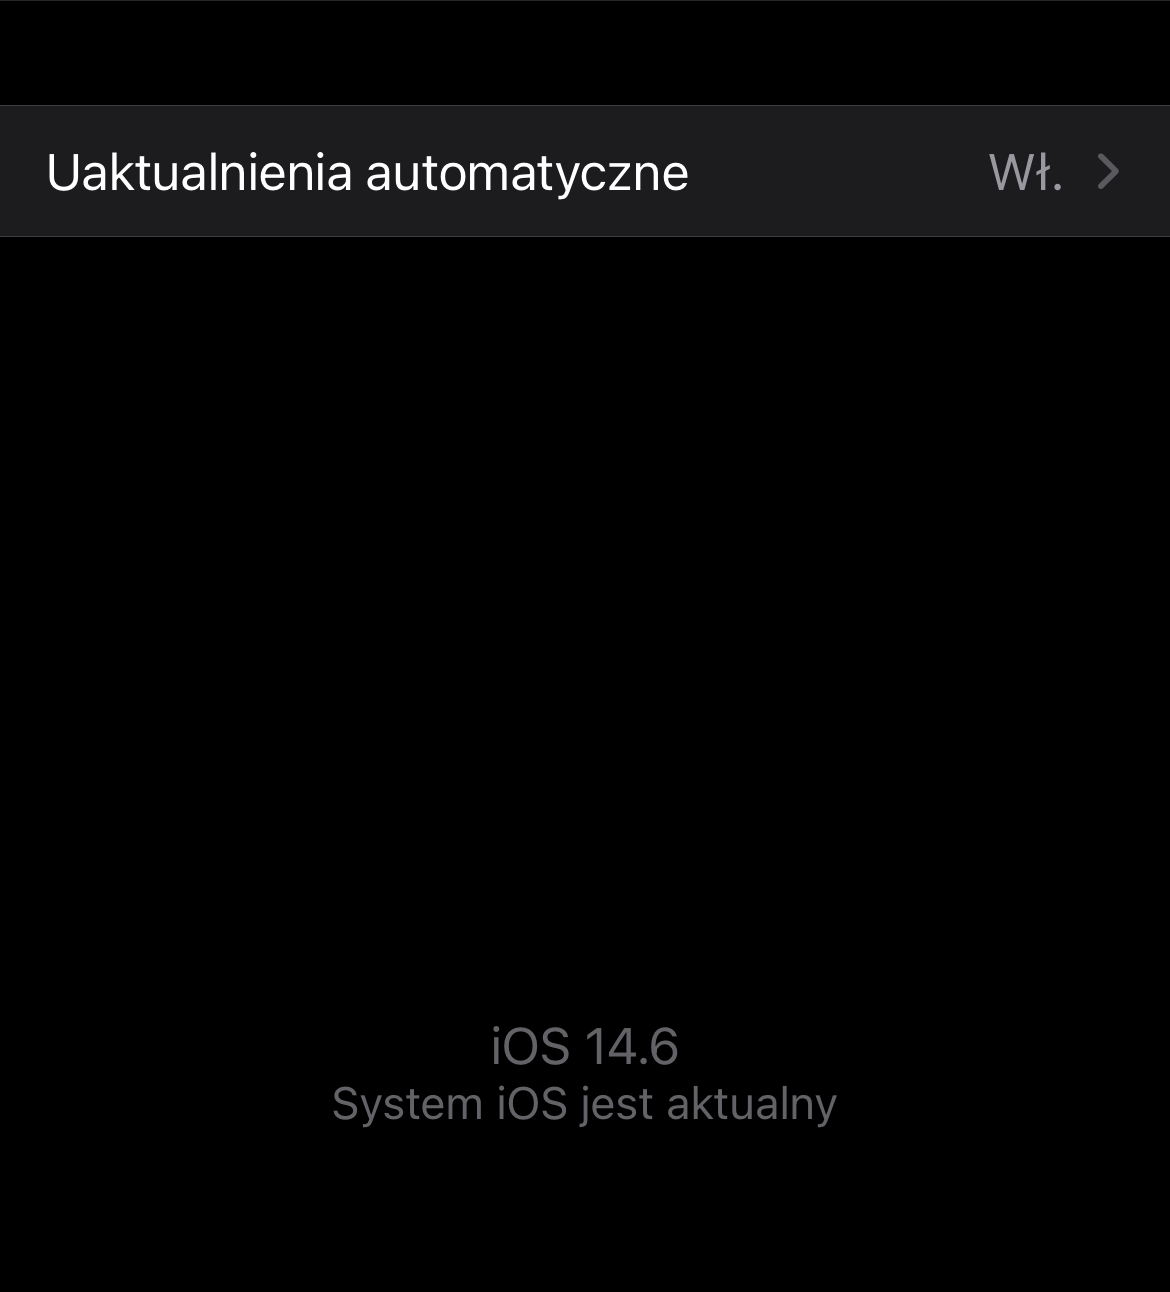 iOS 14.6 aktualizacja